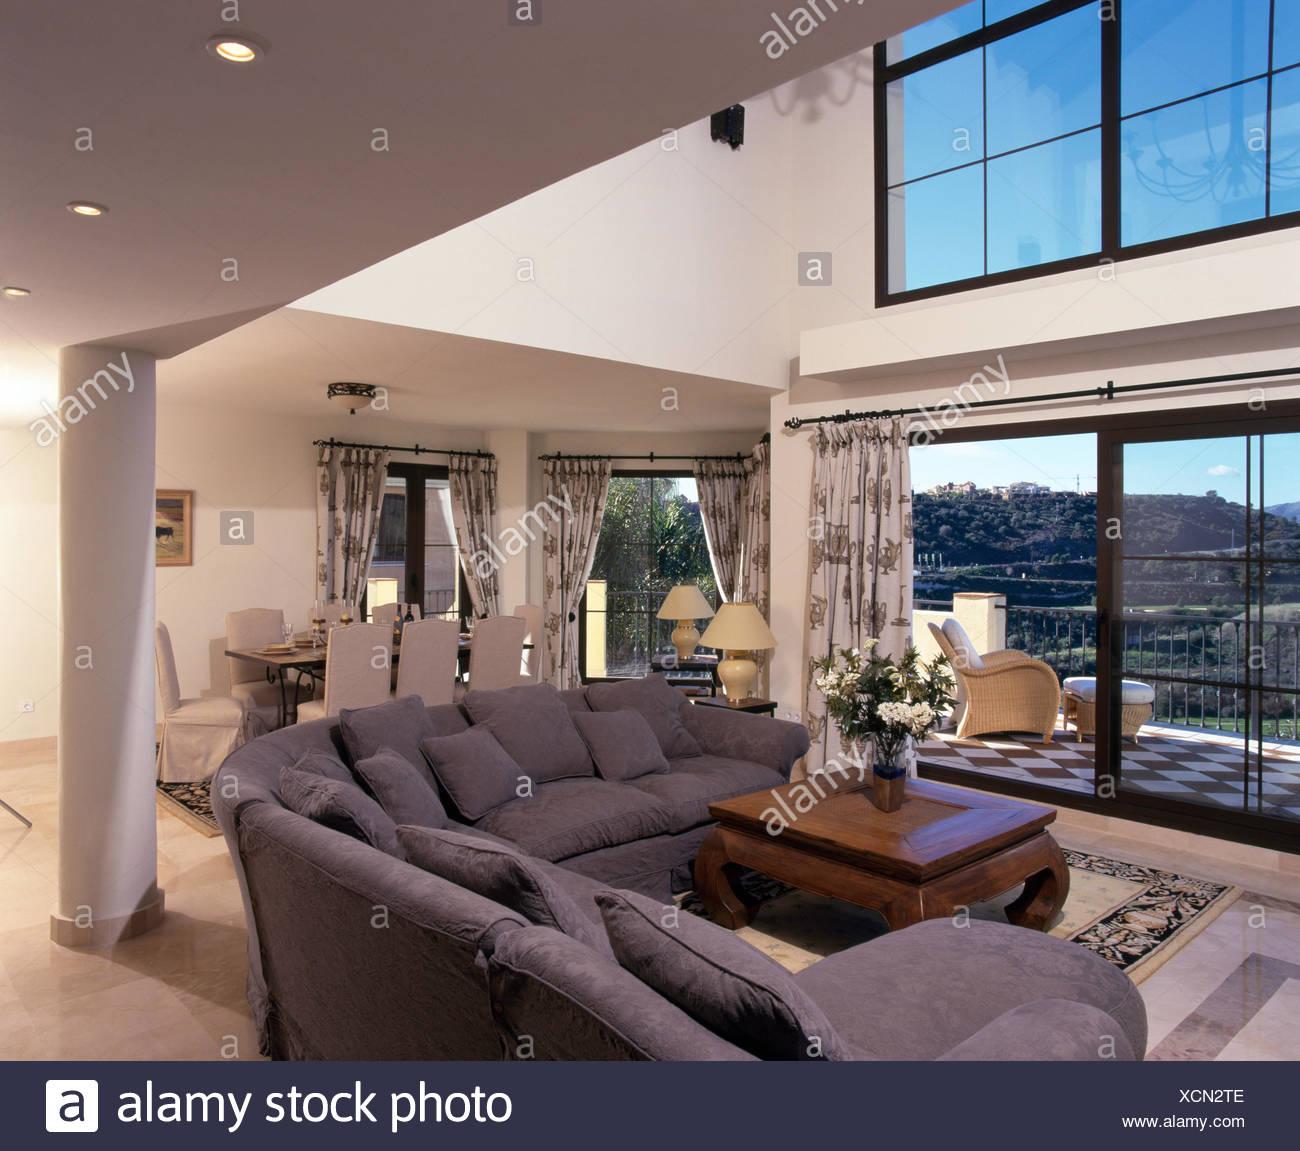 Grigio divano a l in moderno a doppia altezza spagnolo - Altezza seduta divano ...